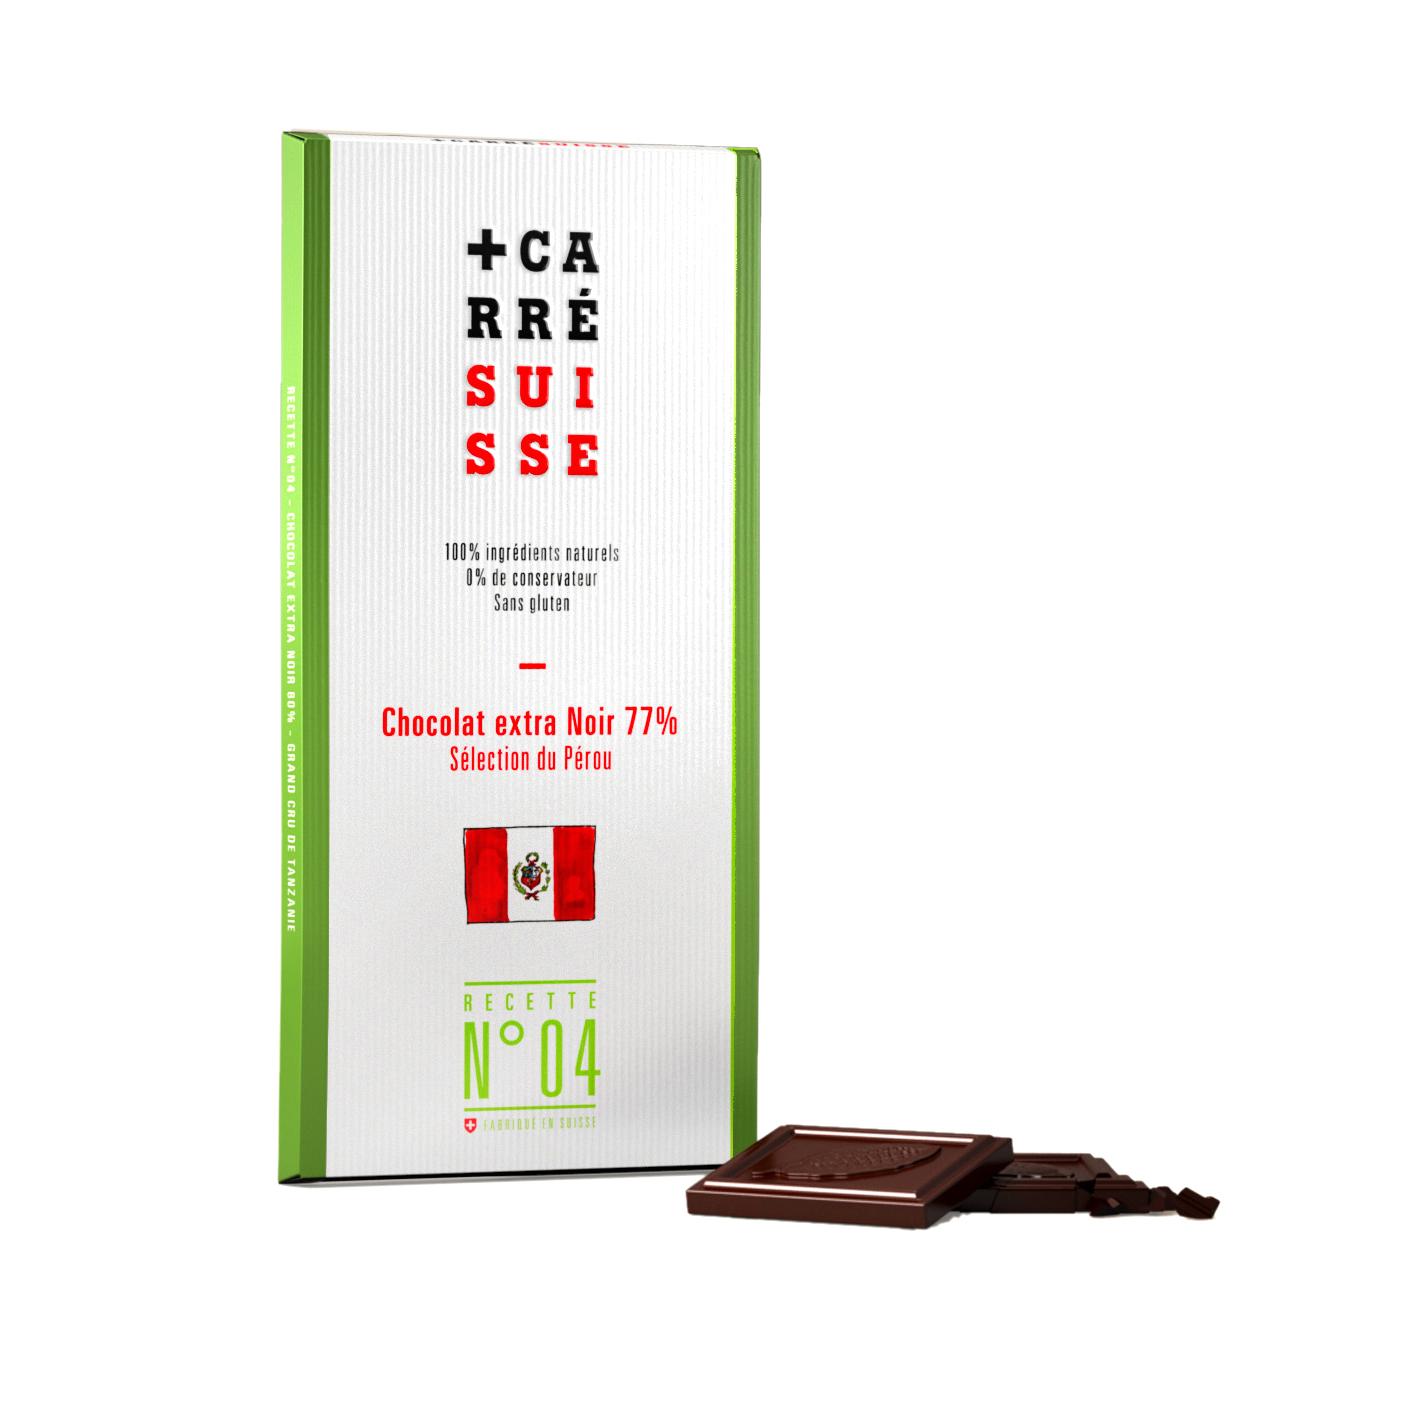 Chocolat extra noir du Pérou 77%, Carré Suisse (100 g)